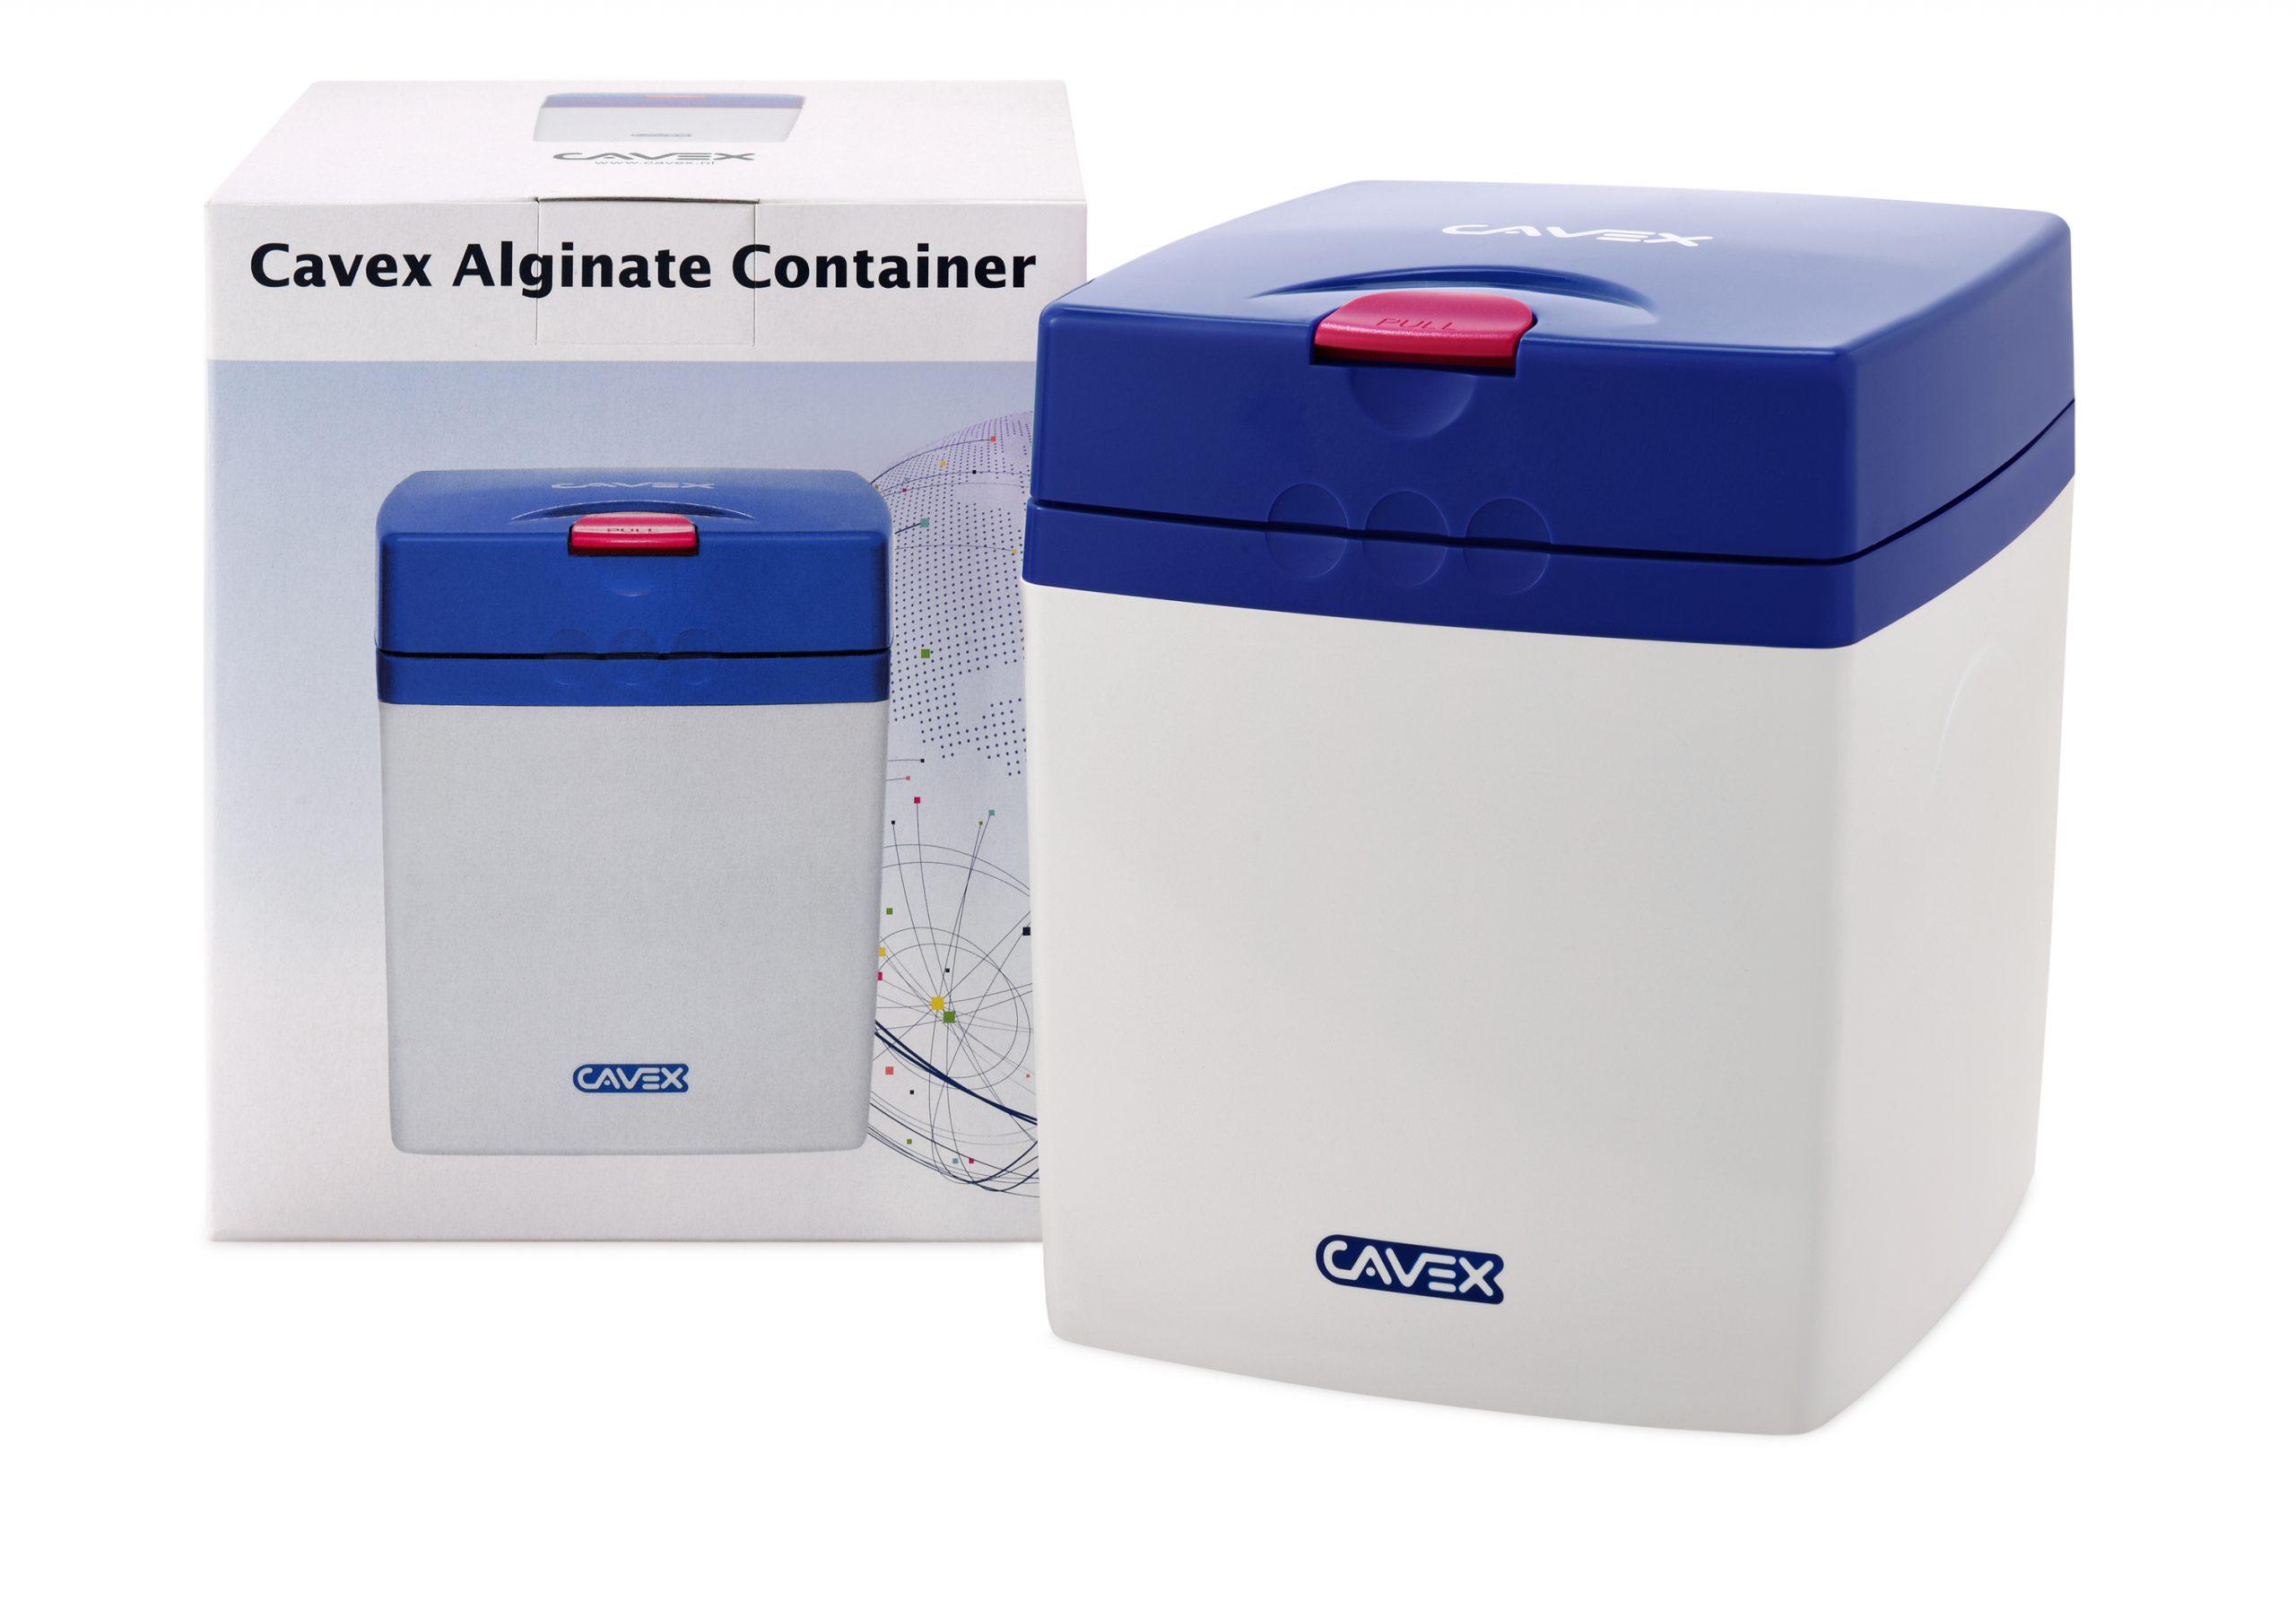 Cavex-Alginate-Container-blue